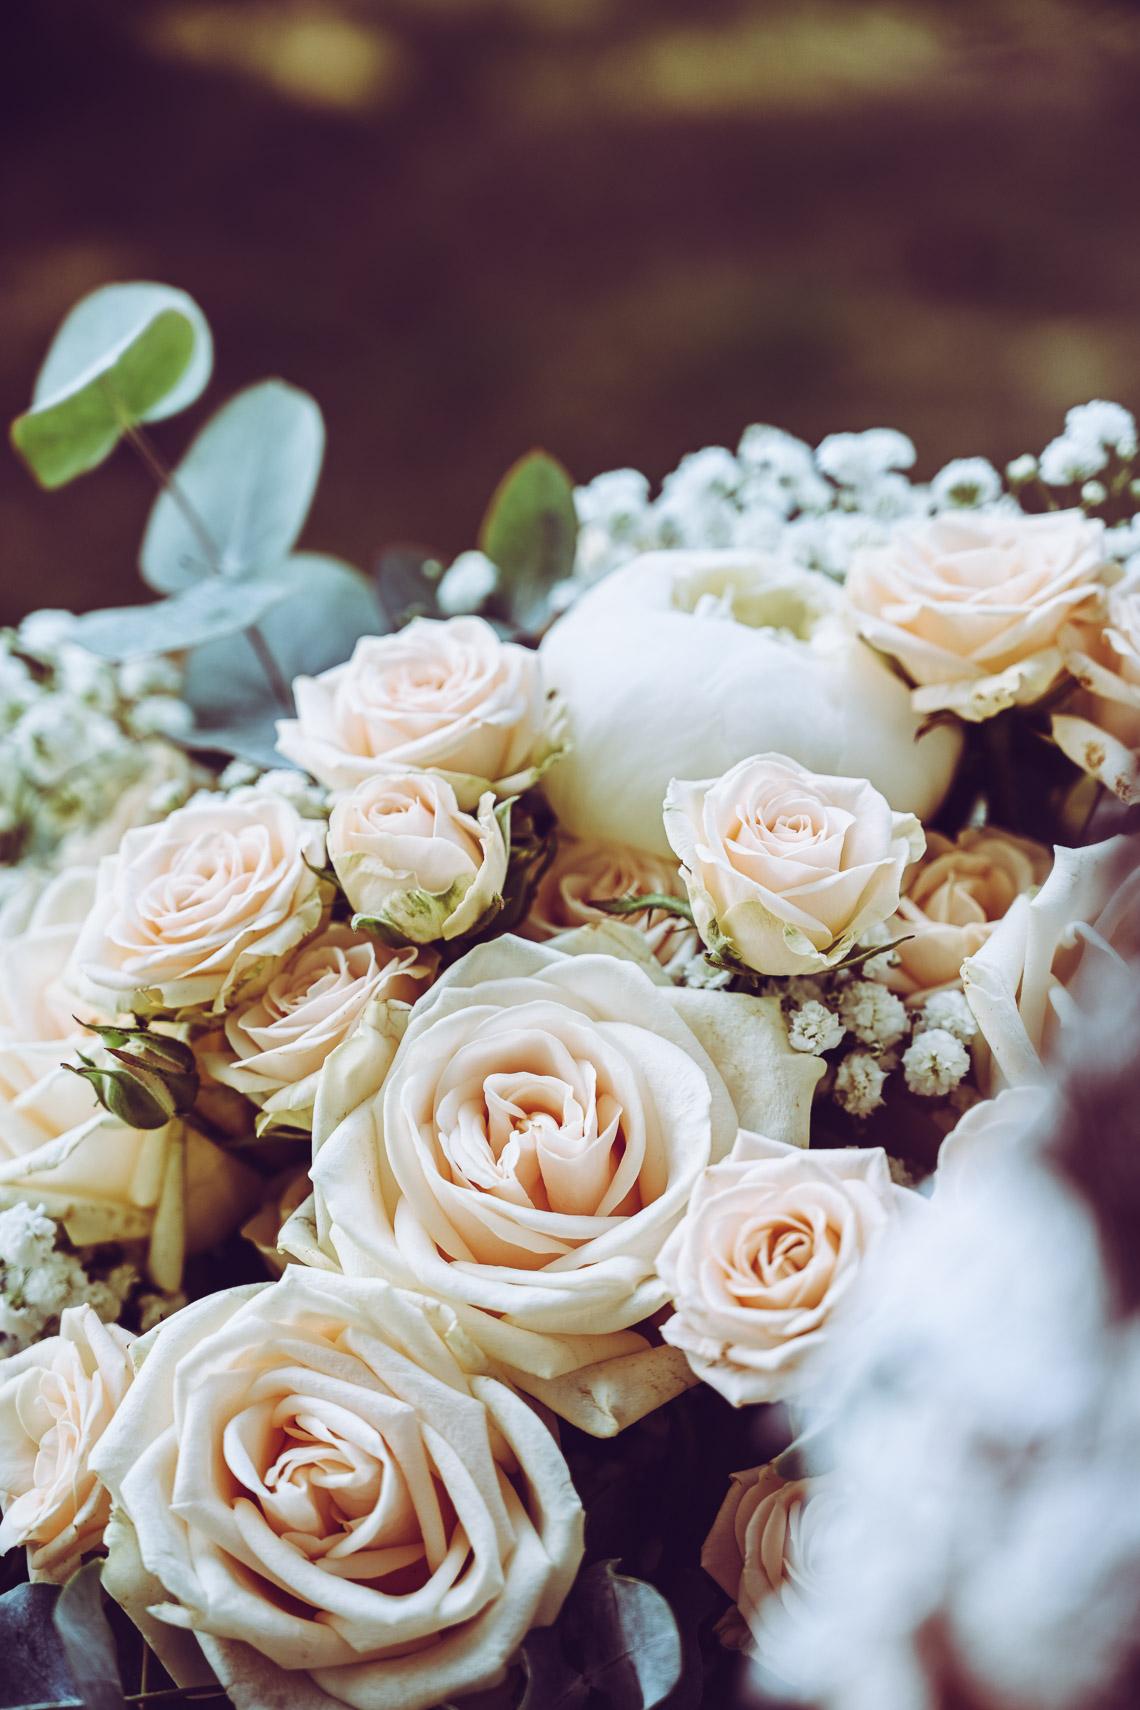 Brudbukett med pioner och rosor i vitt och cream